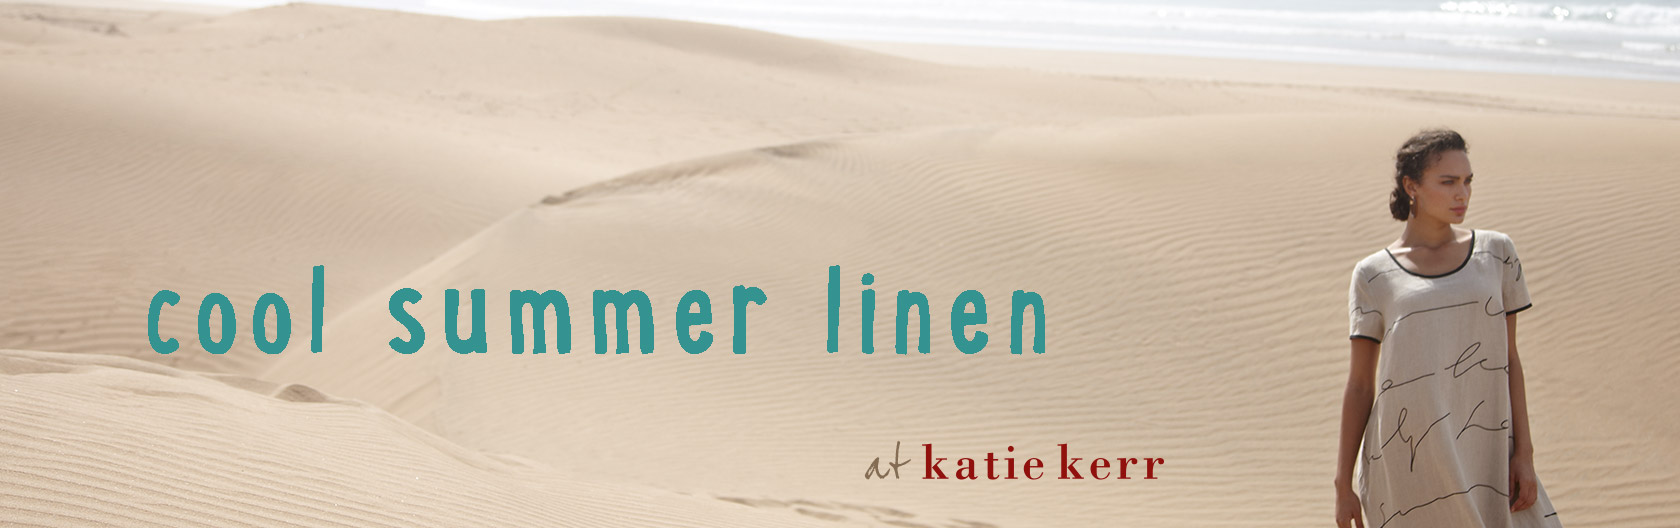 Cool Summer Linen at Katie Kerr